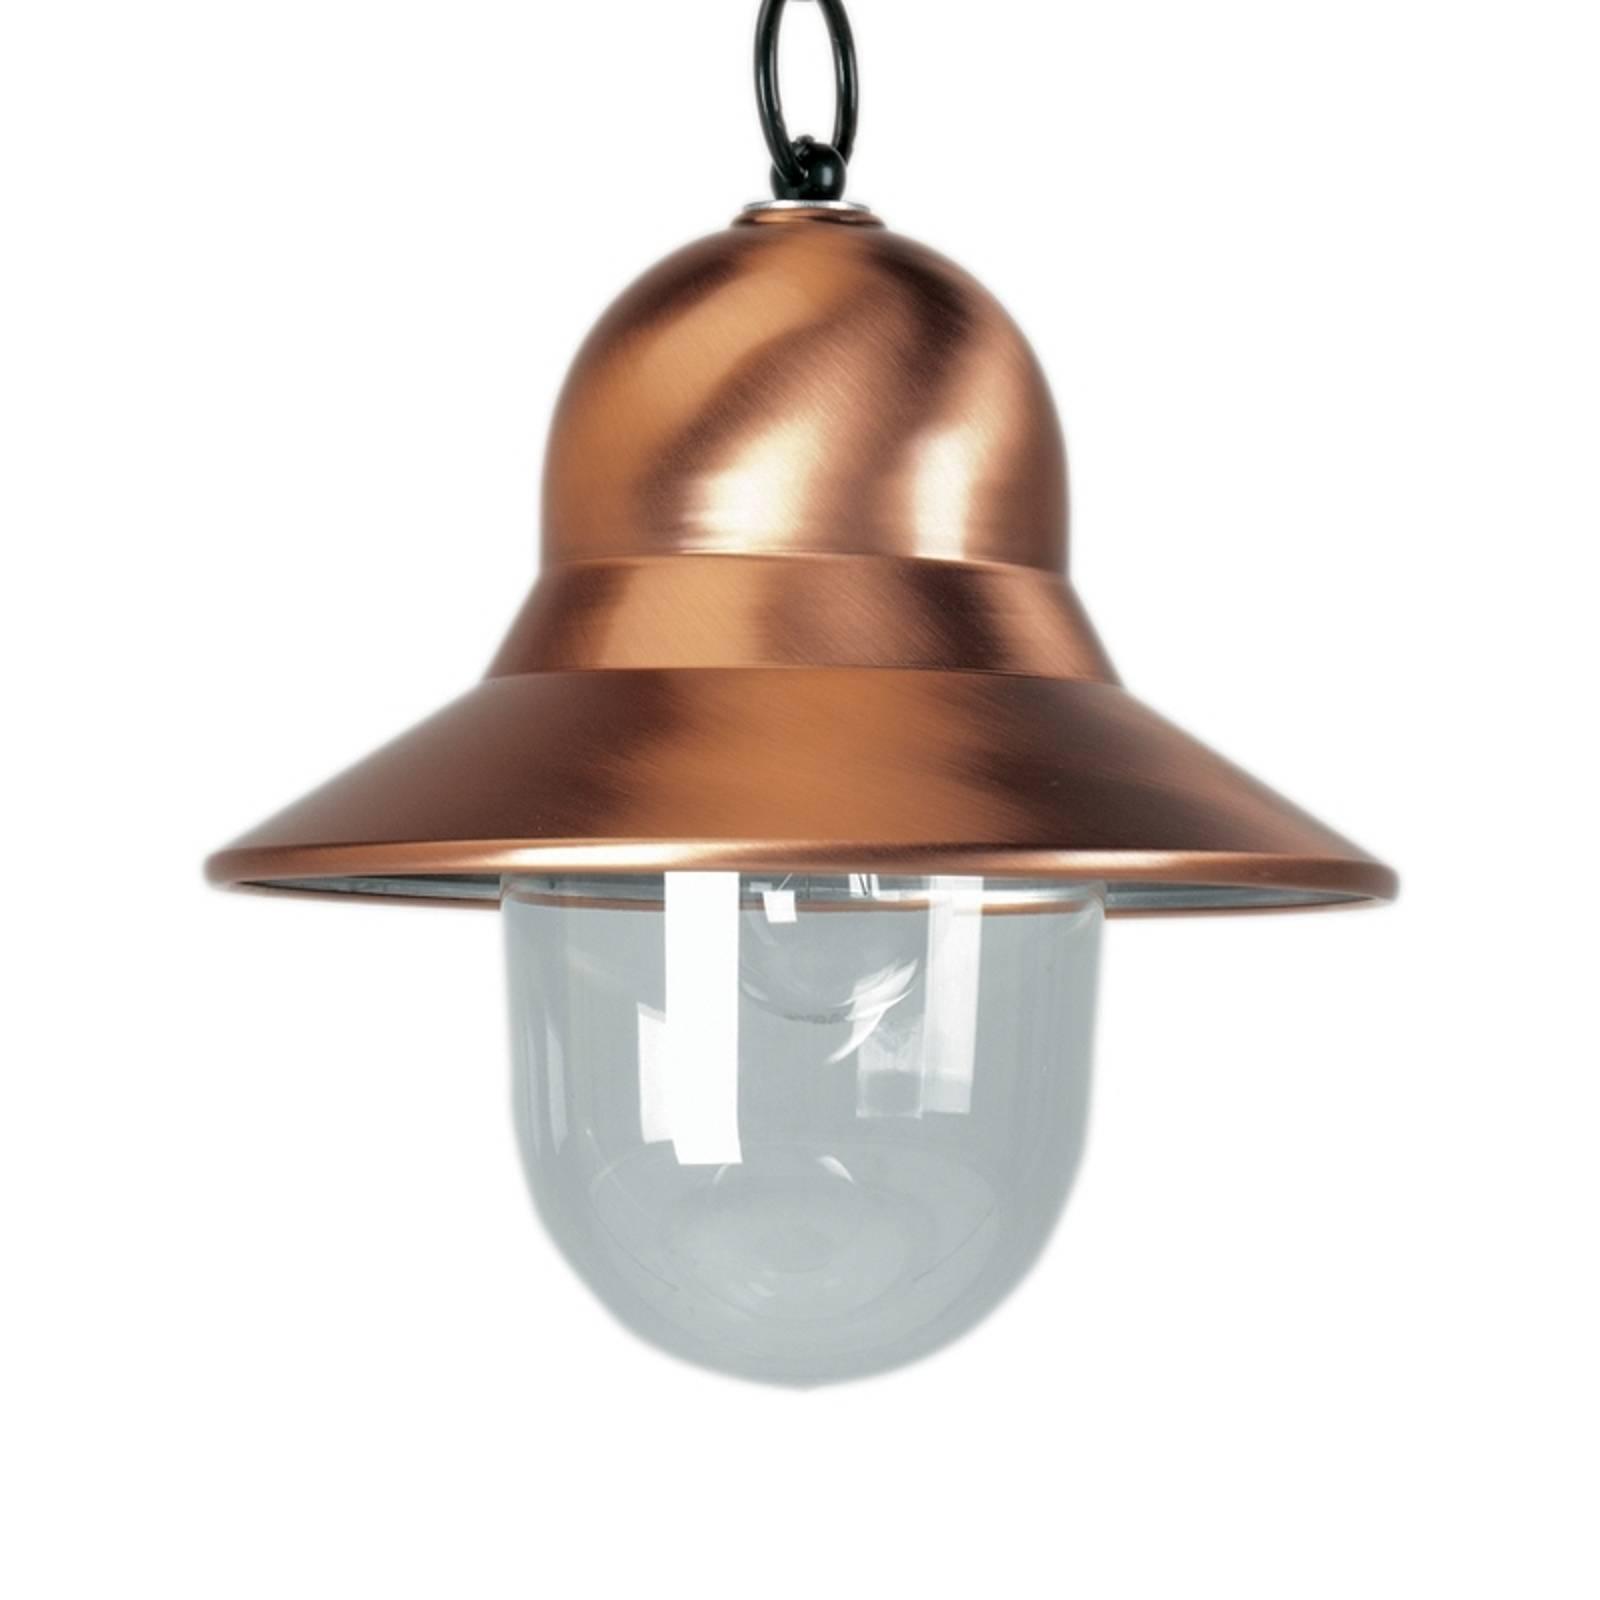 Miedziana zewnętrzna lampa wisząca Toscane, czarna